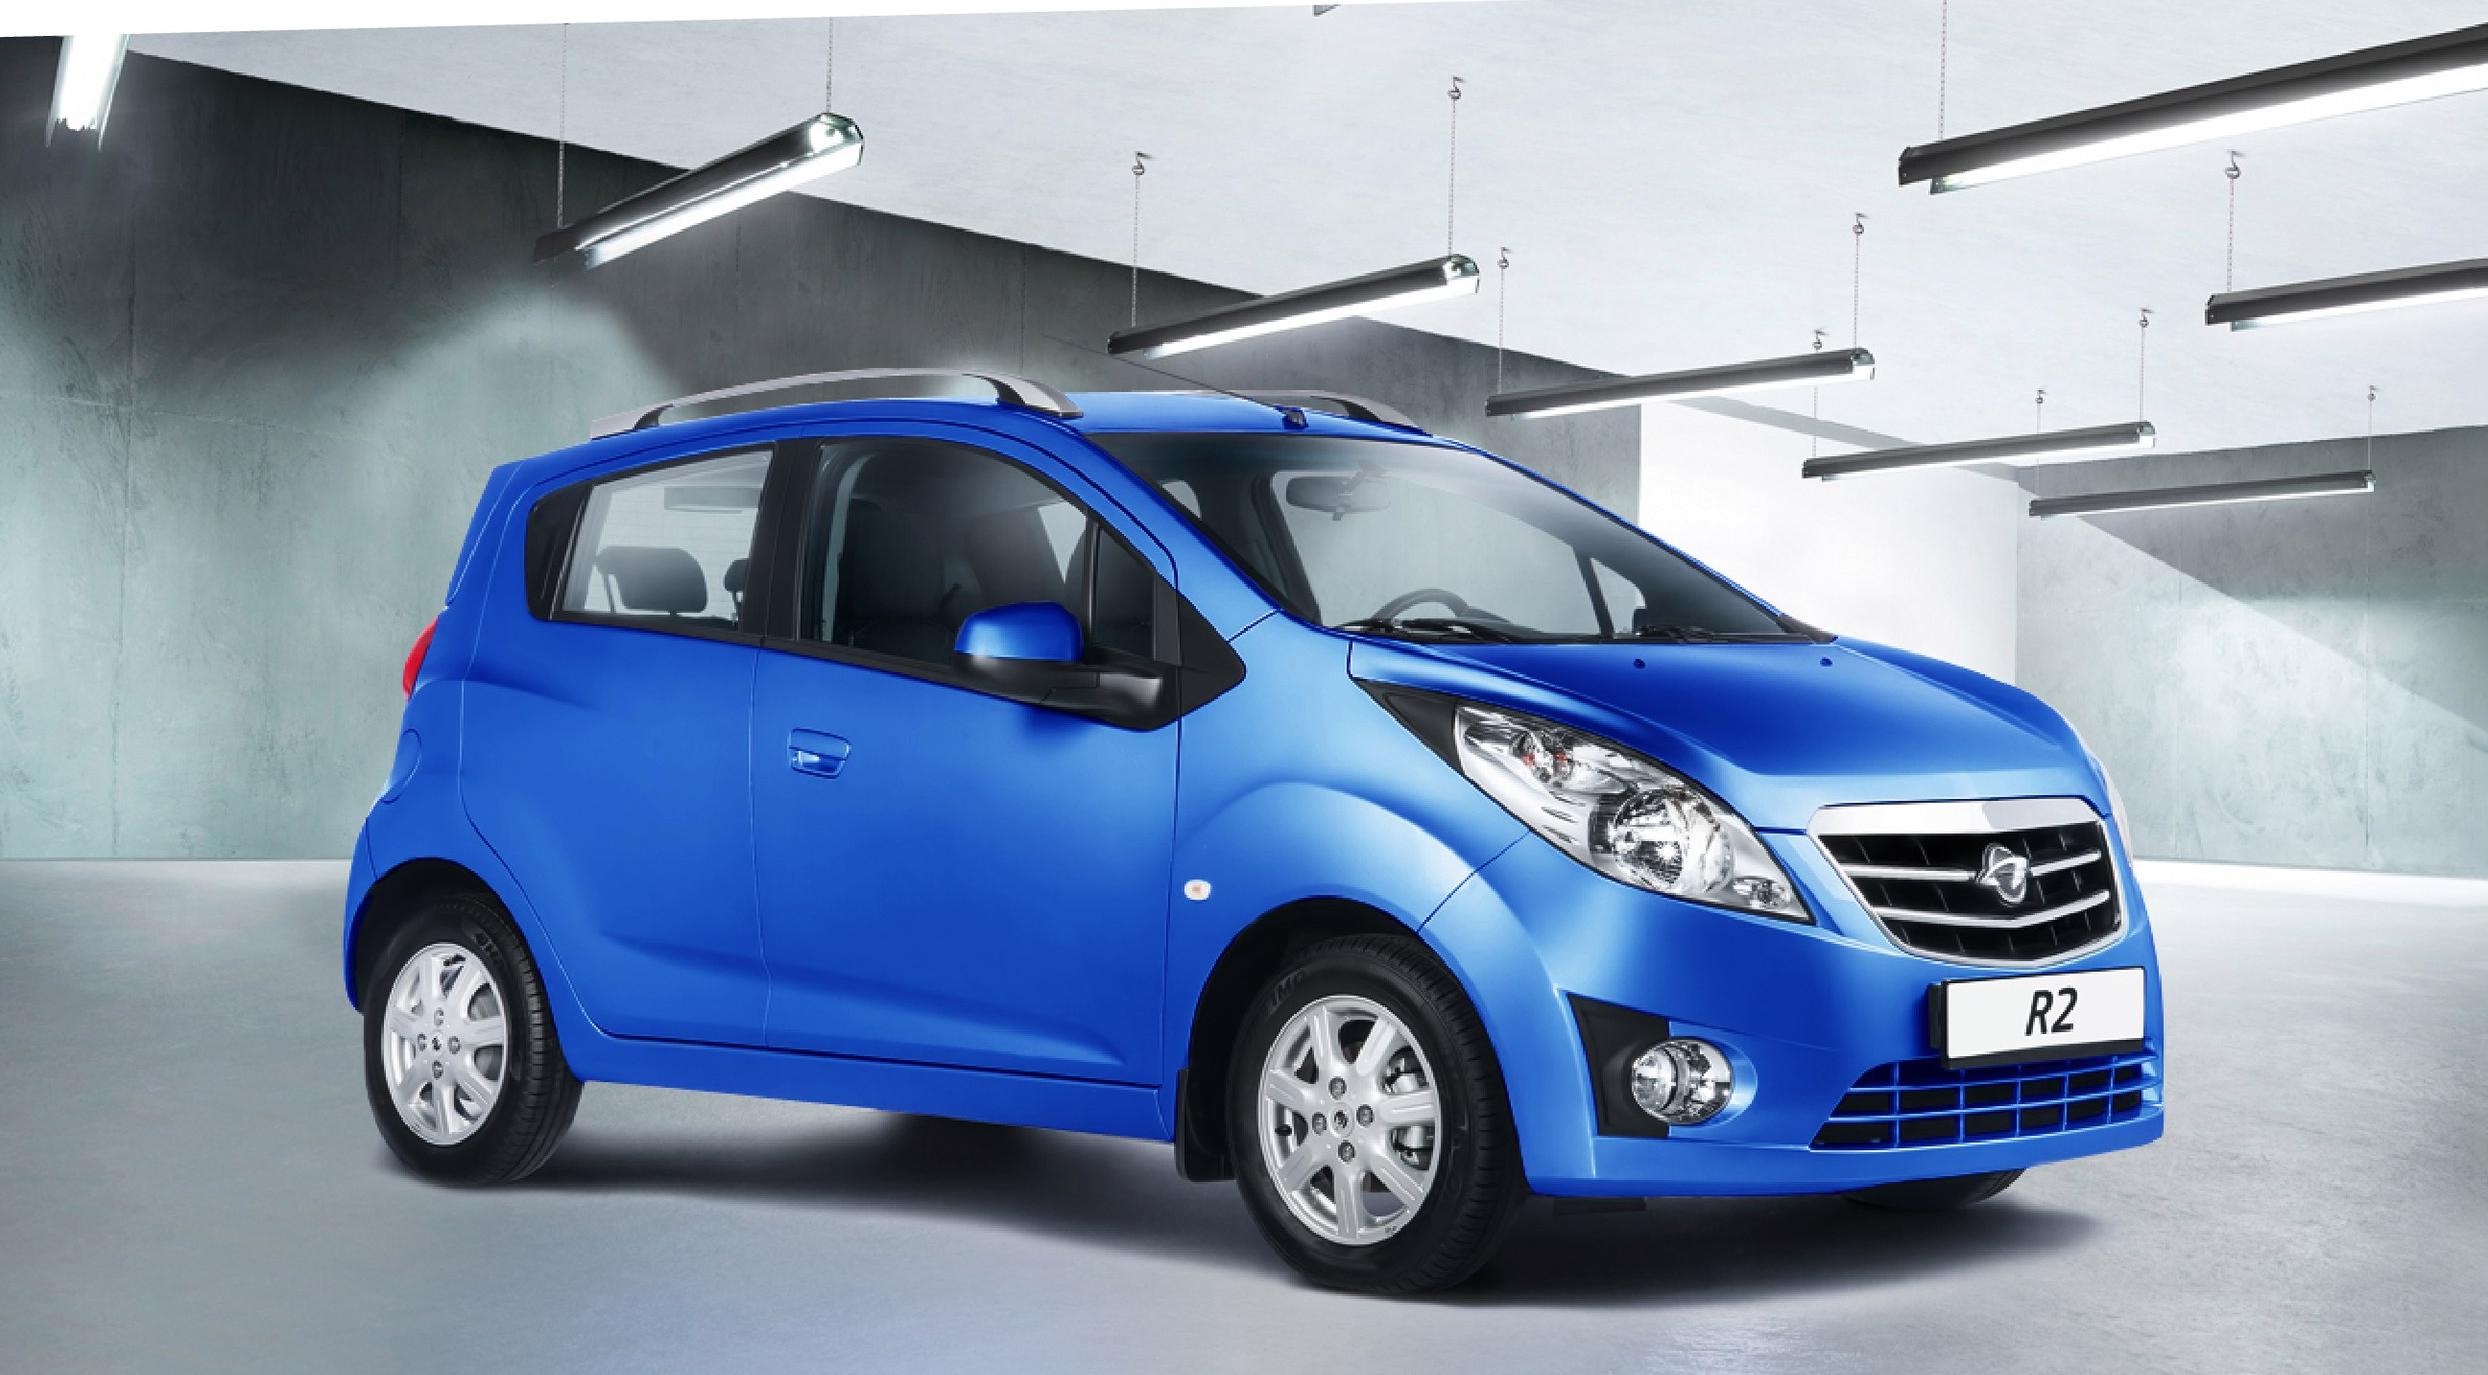 Узбекистан представил вУкраинском государстве новый автомобильный бренд